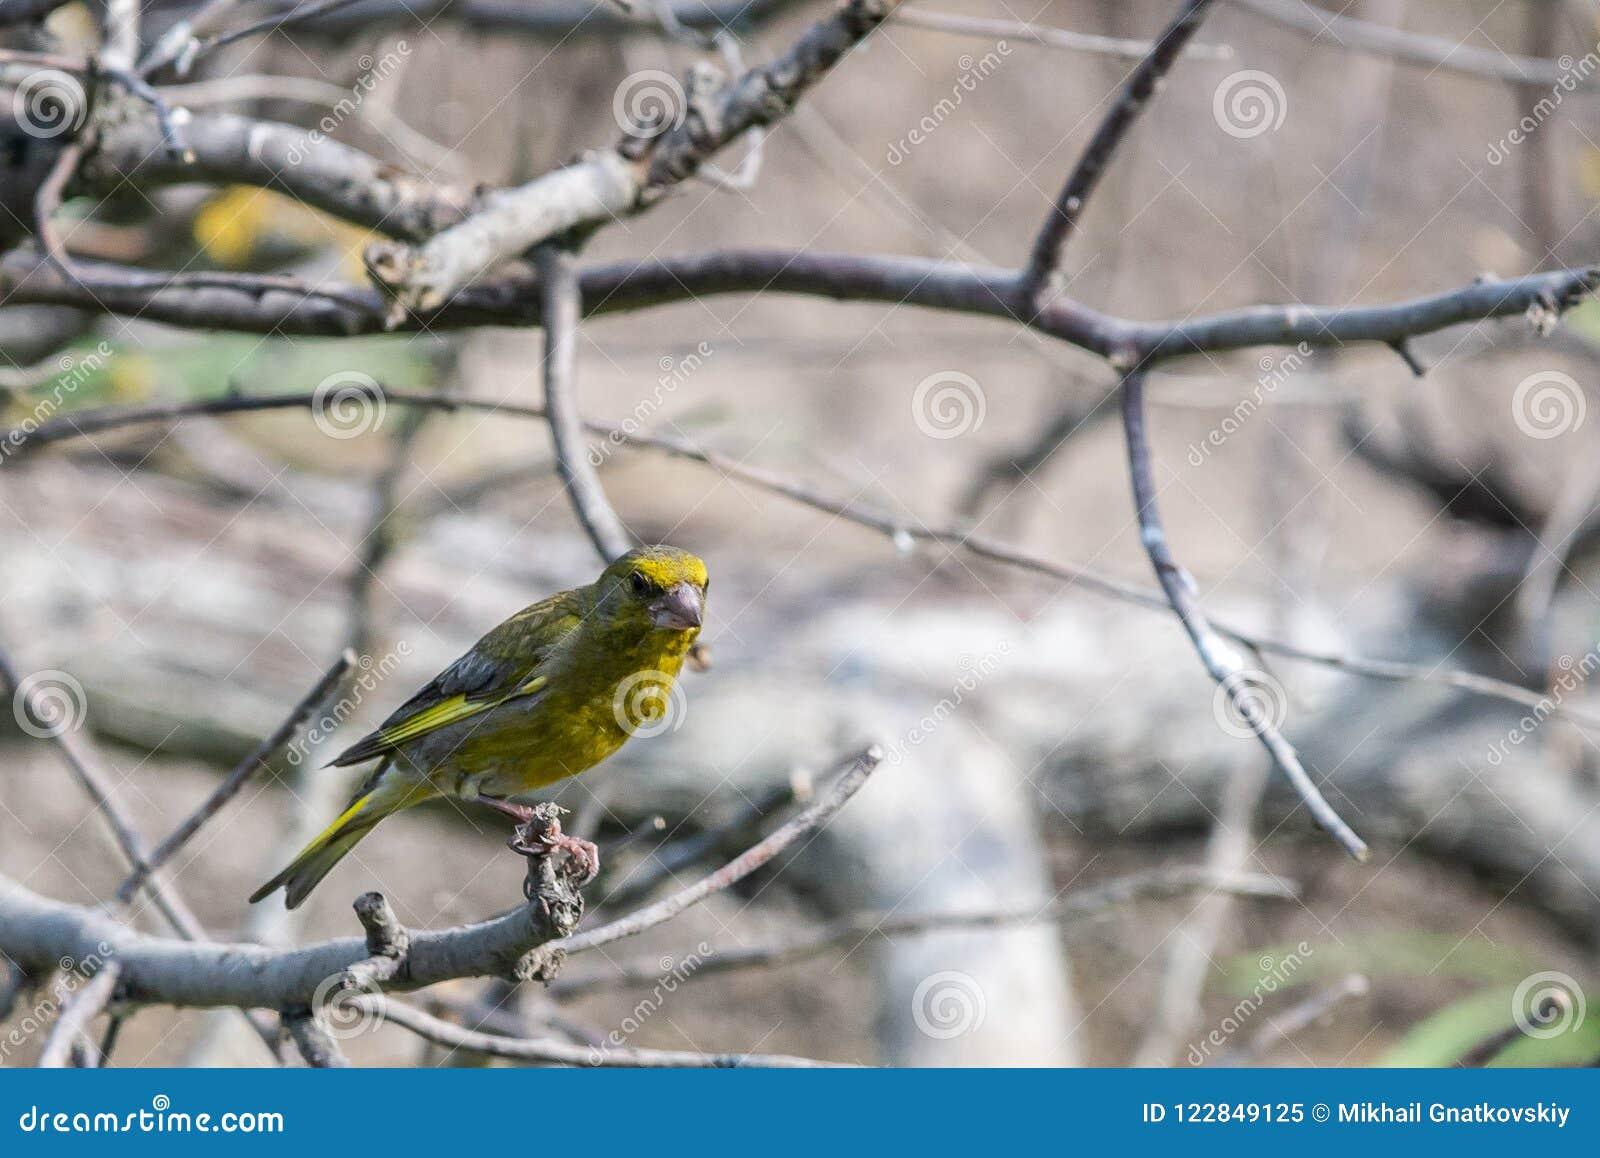 Αρσενικά ευρωπαϊκά chloris greenfinch ή chloris